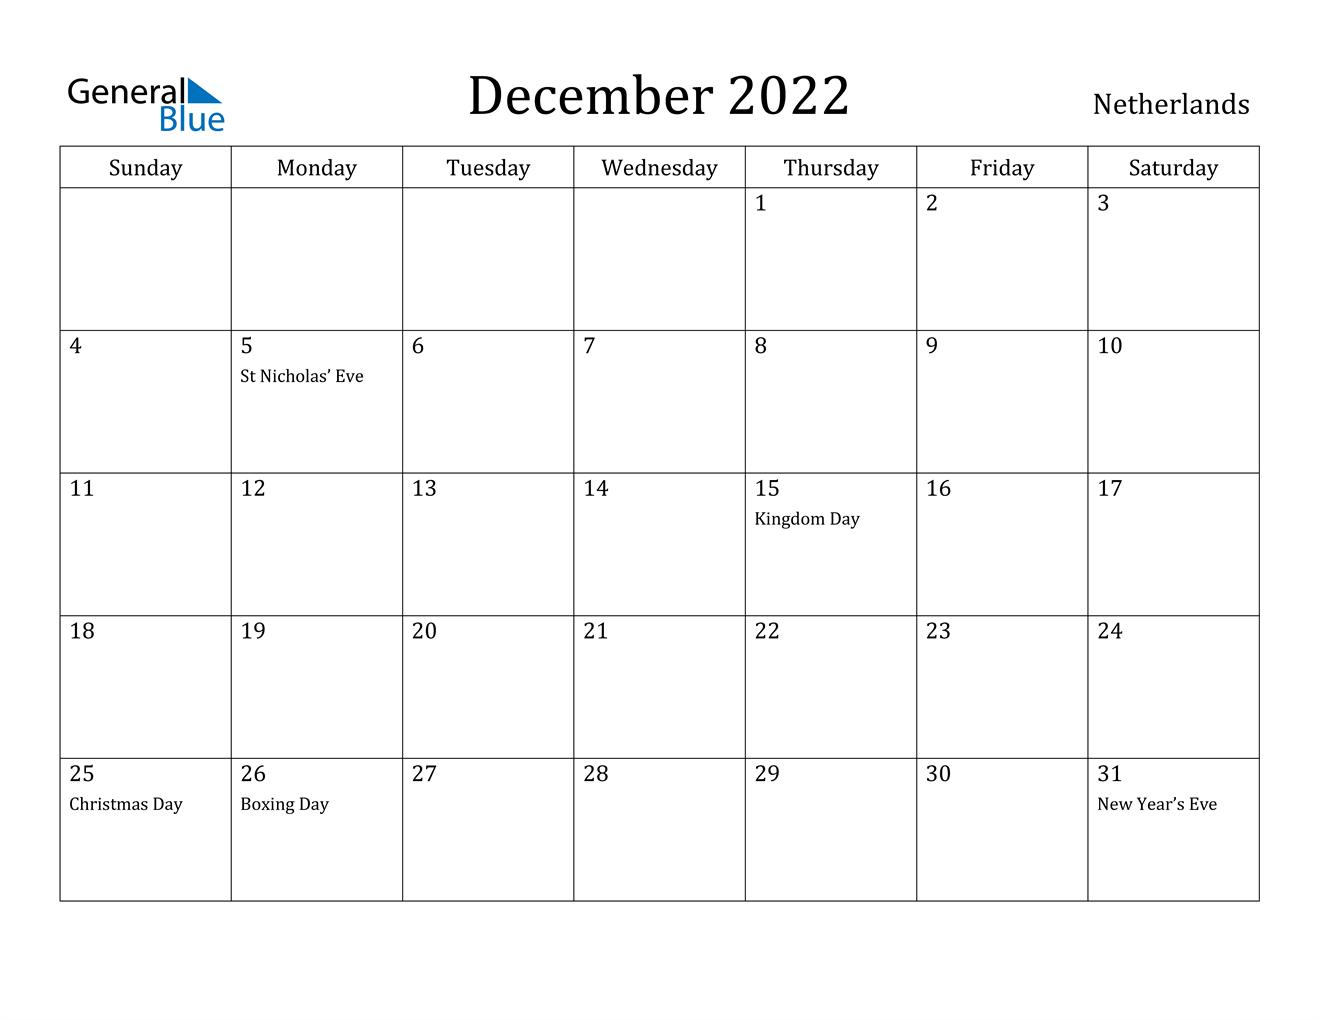 December 2022 Calendar - Netherlands